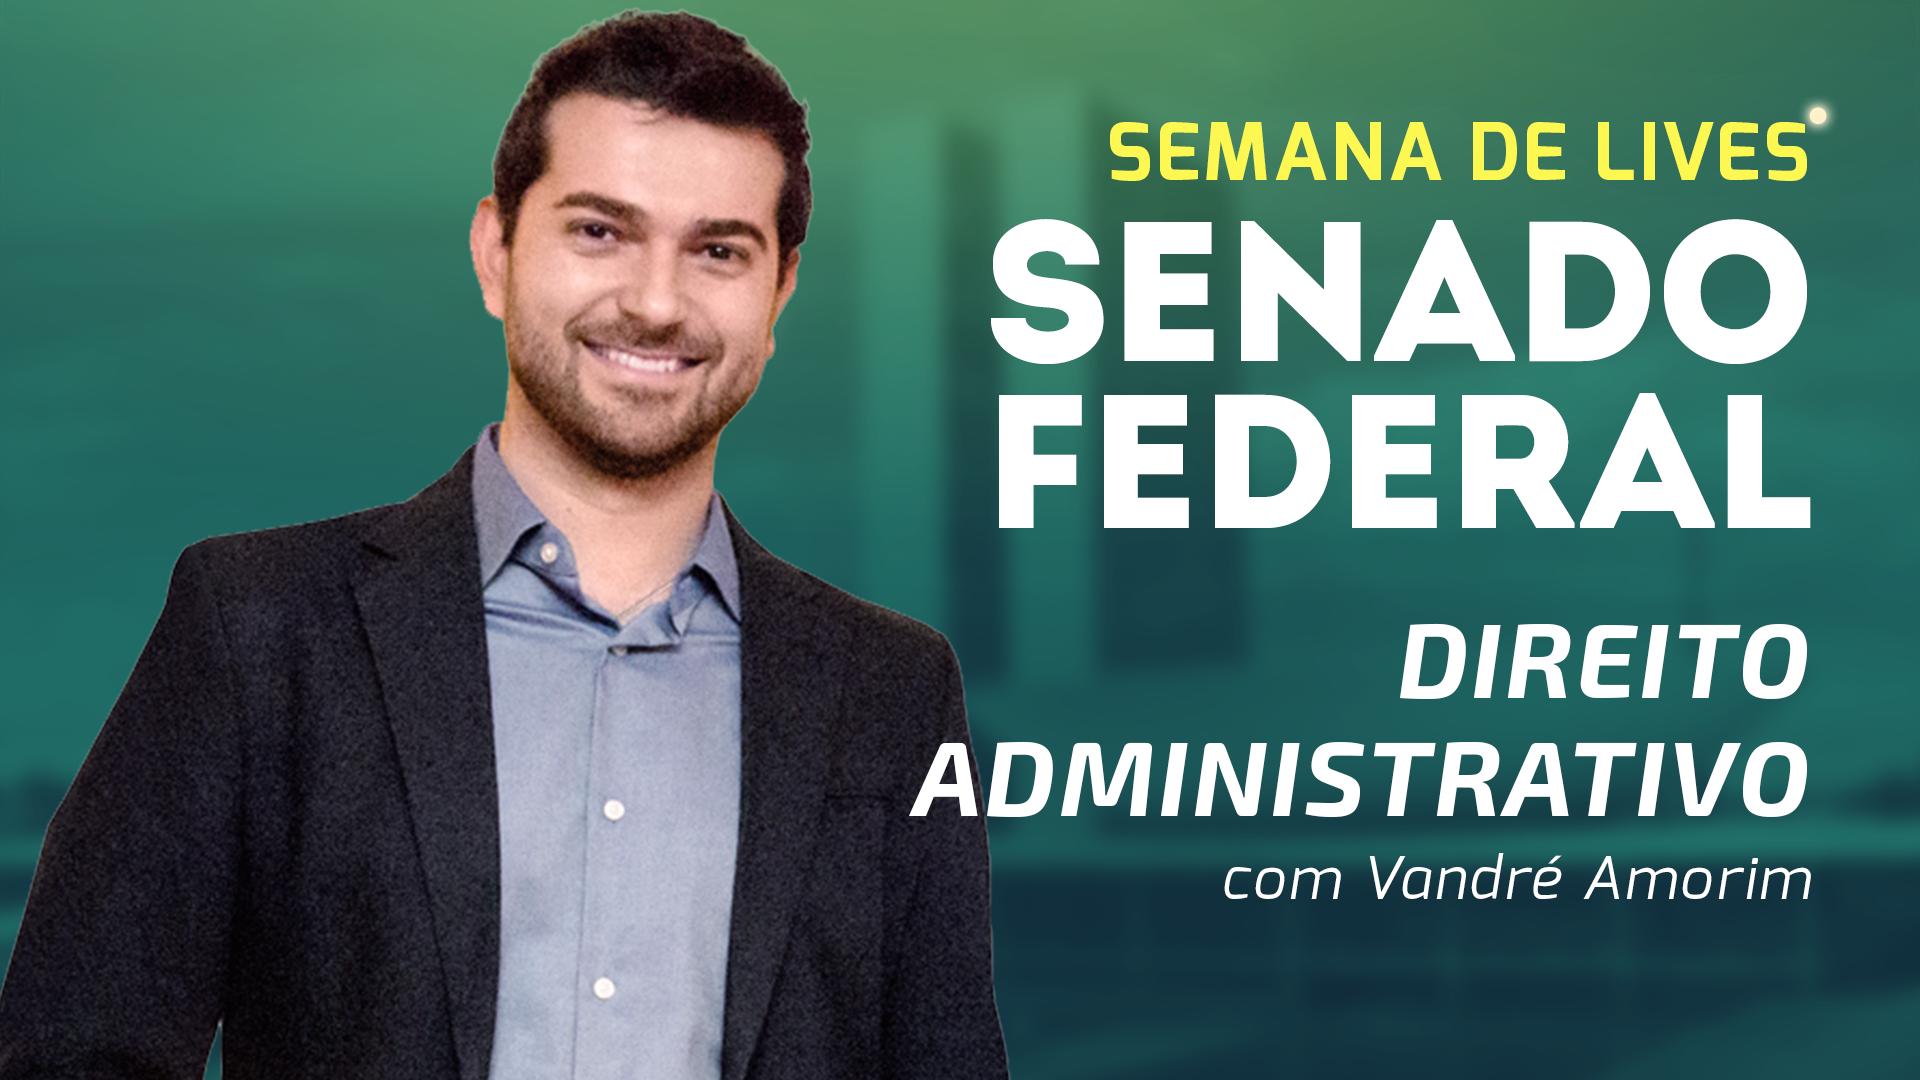 Senado Federal - Direito Administrativo | Vandré Amorim